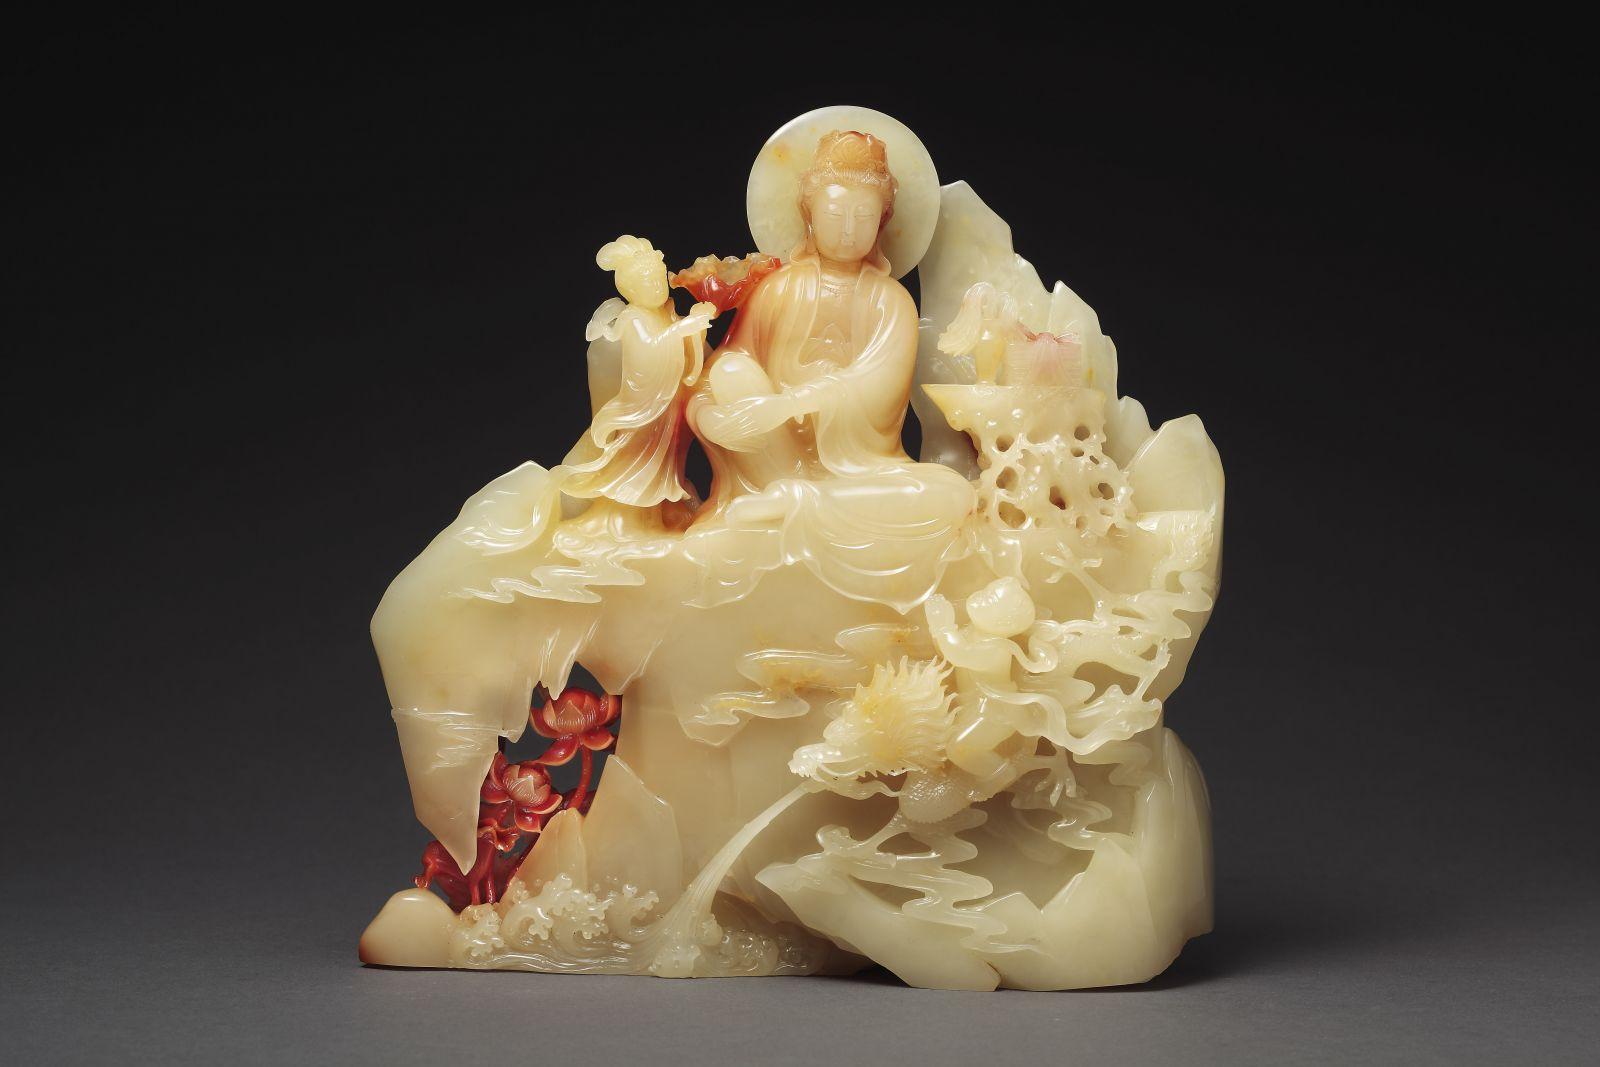 芙蓉石精美雕刻    13 - h_x_y_123456 - 何晓昱的艺术博客